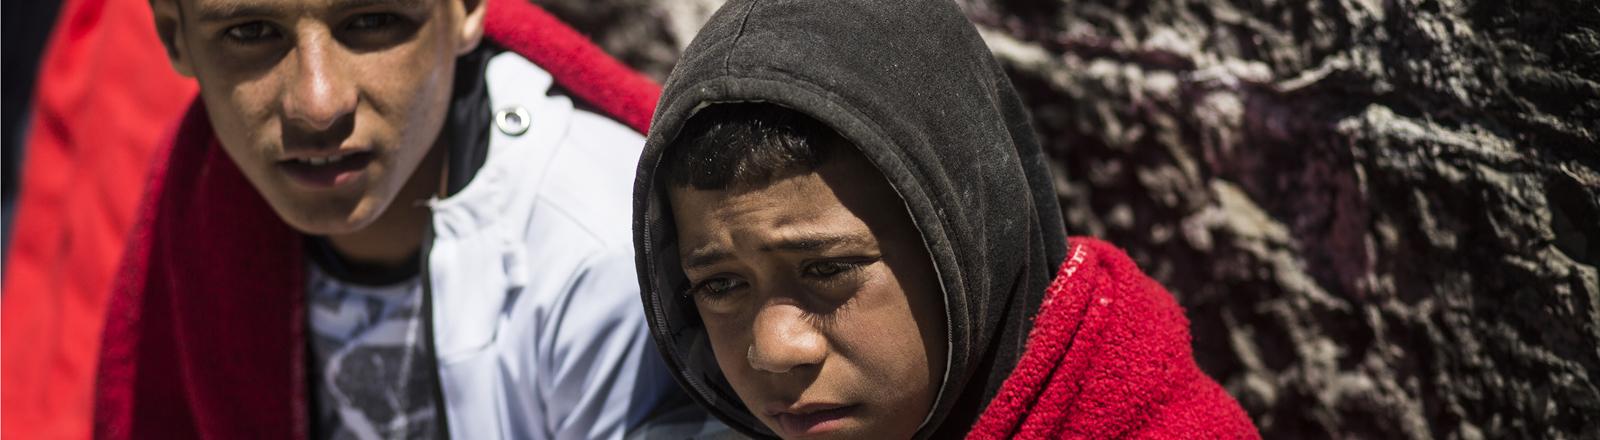 Zwei junge Flüchtlinge, in Decken gehüllt.